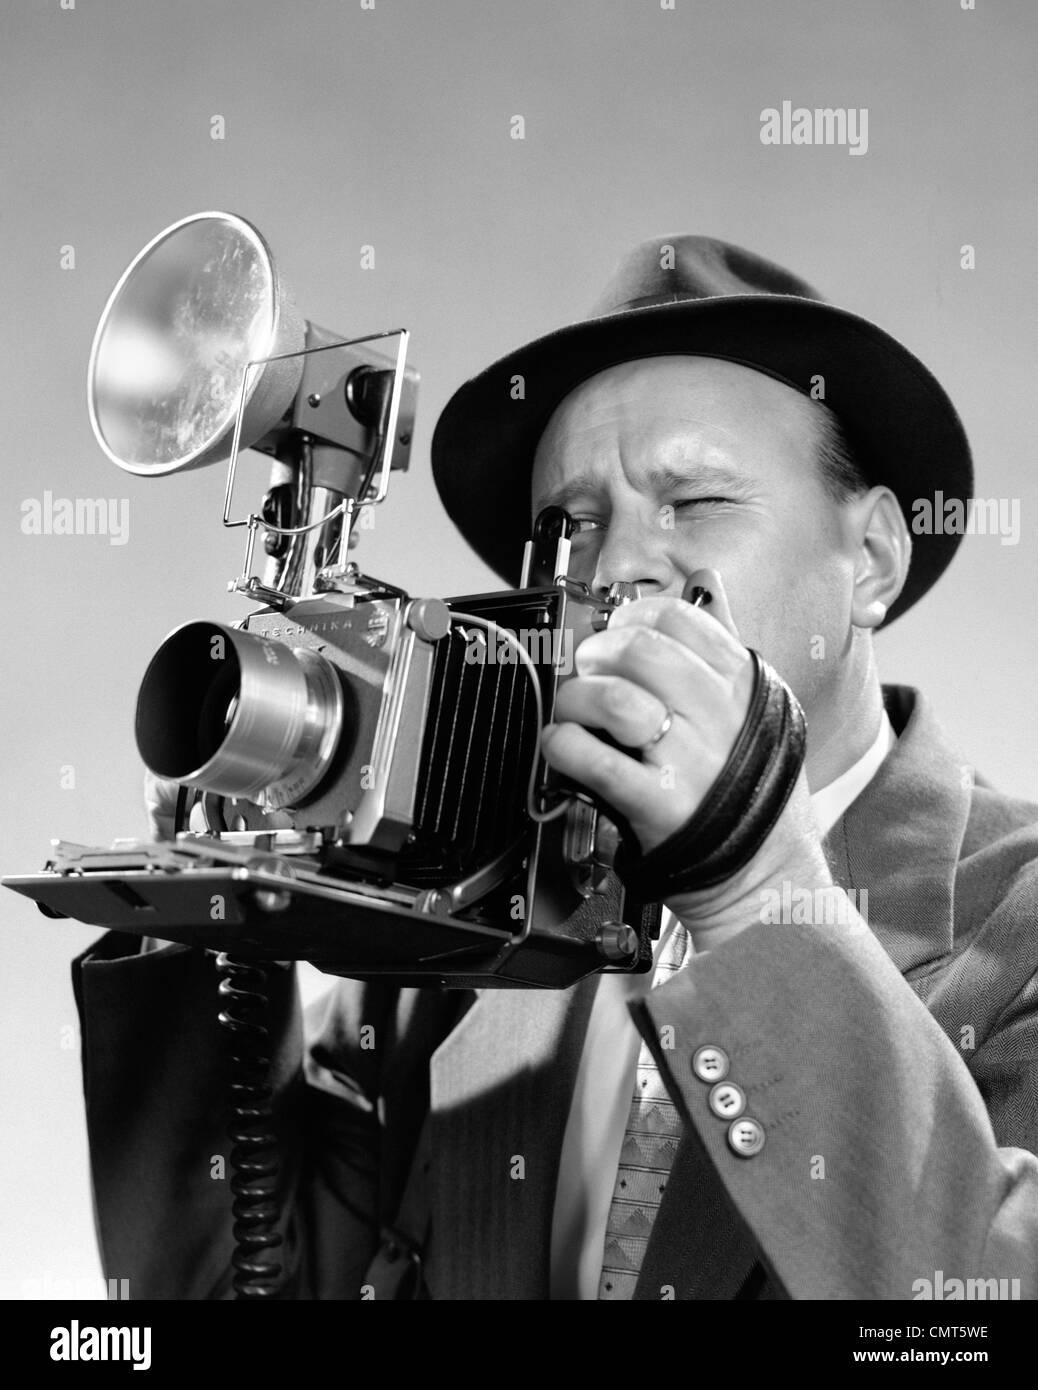 1950ER JAHRE PORTRAIT FOTOGRAF MANN IN ANZUG UND FEDORA HUT SCHIELEN AUGE, BLICK DURCH DEN SUCHER DER KAMERA DRÜCKEN Stockbild